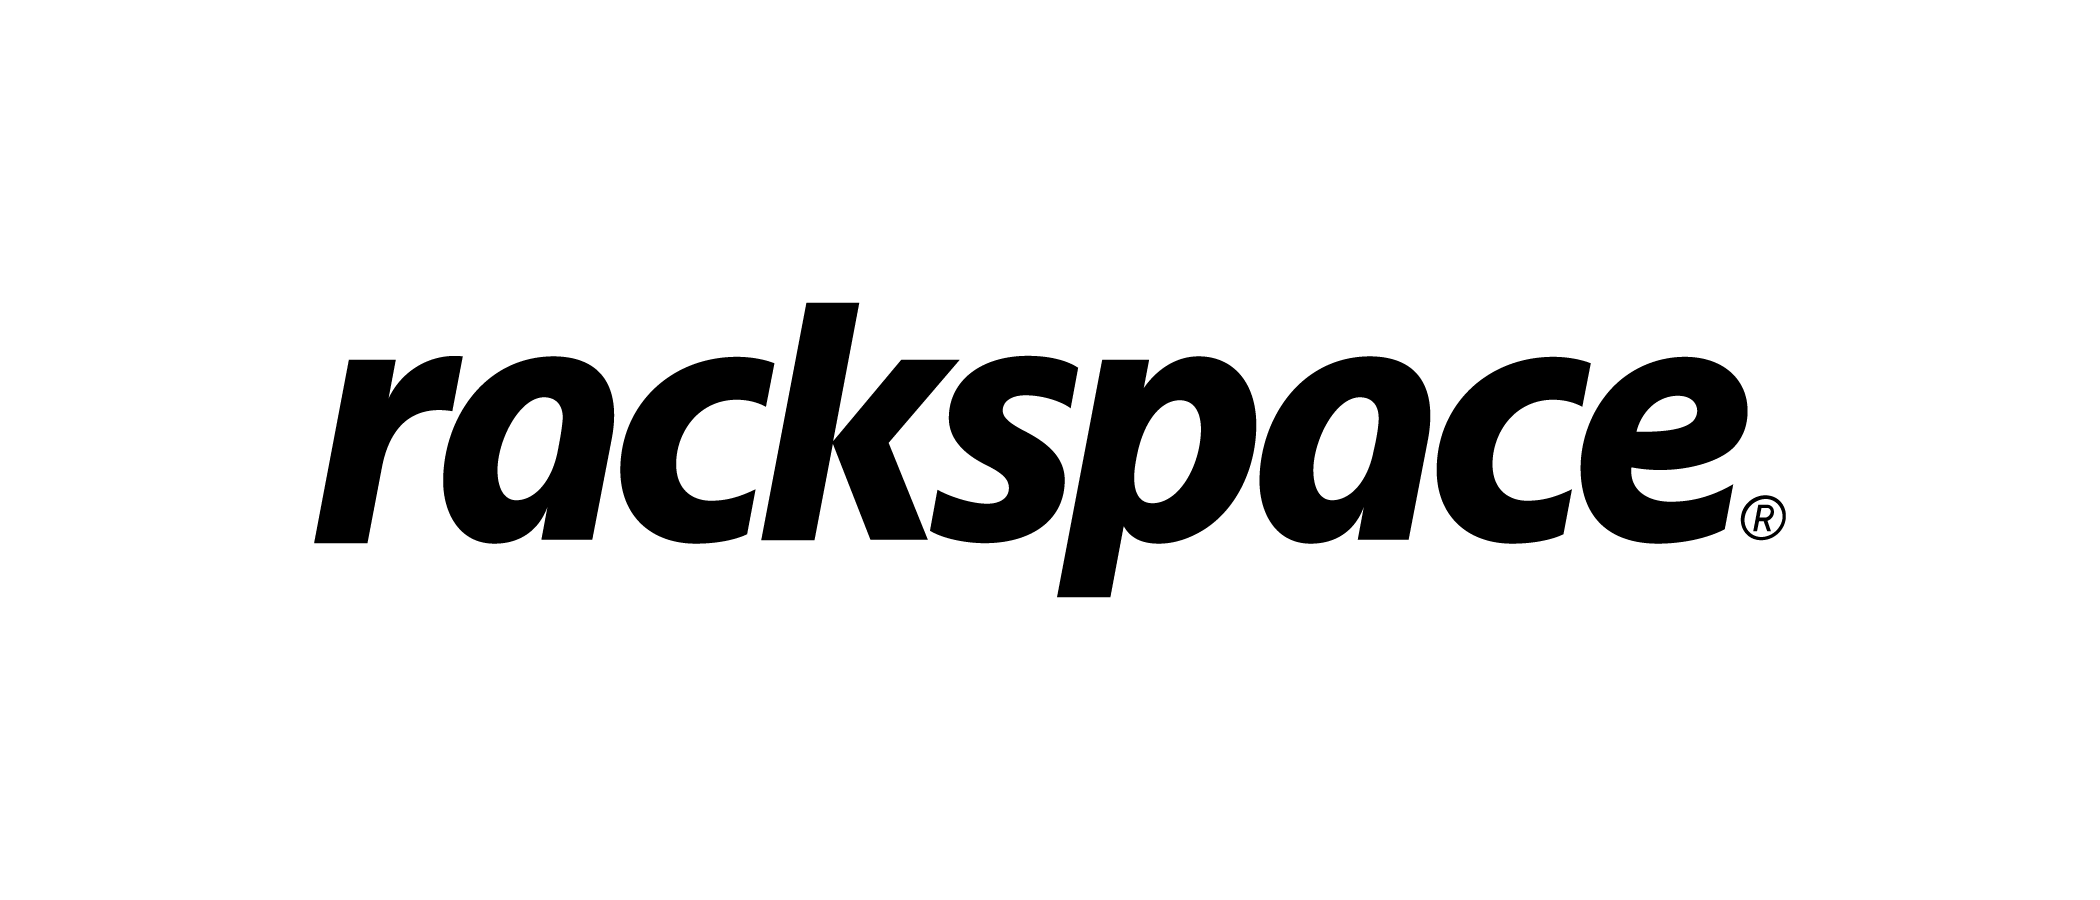 rackspace company logo